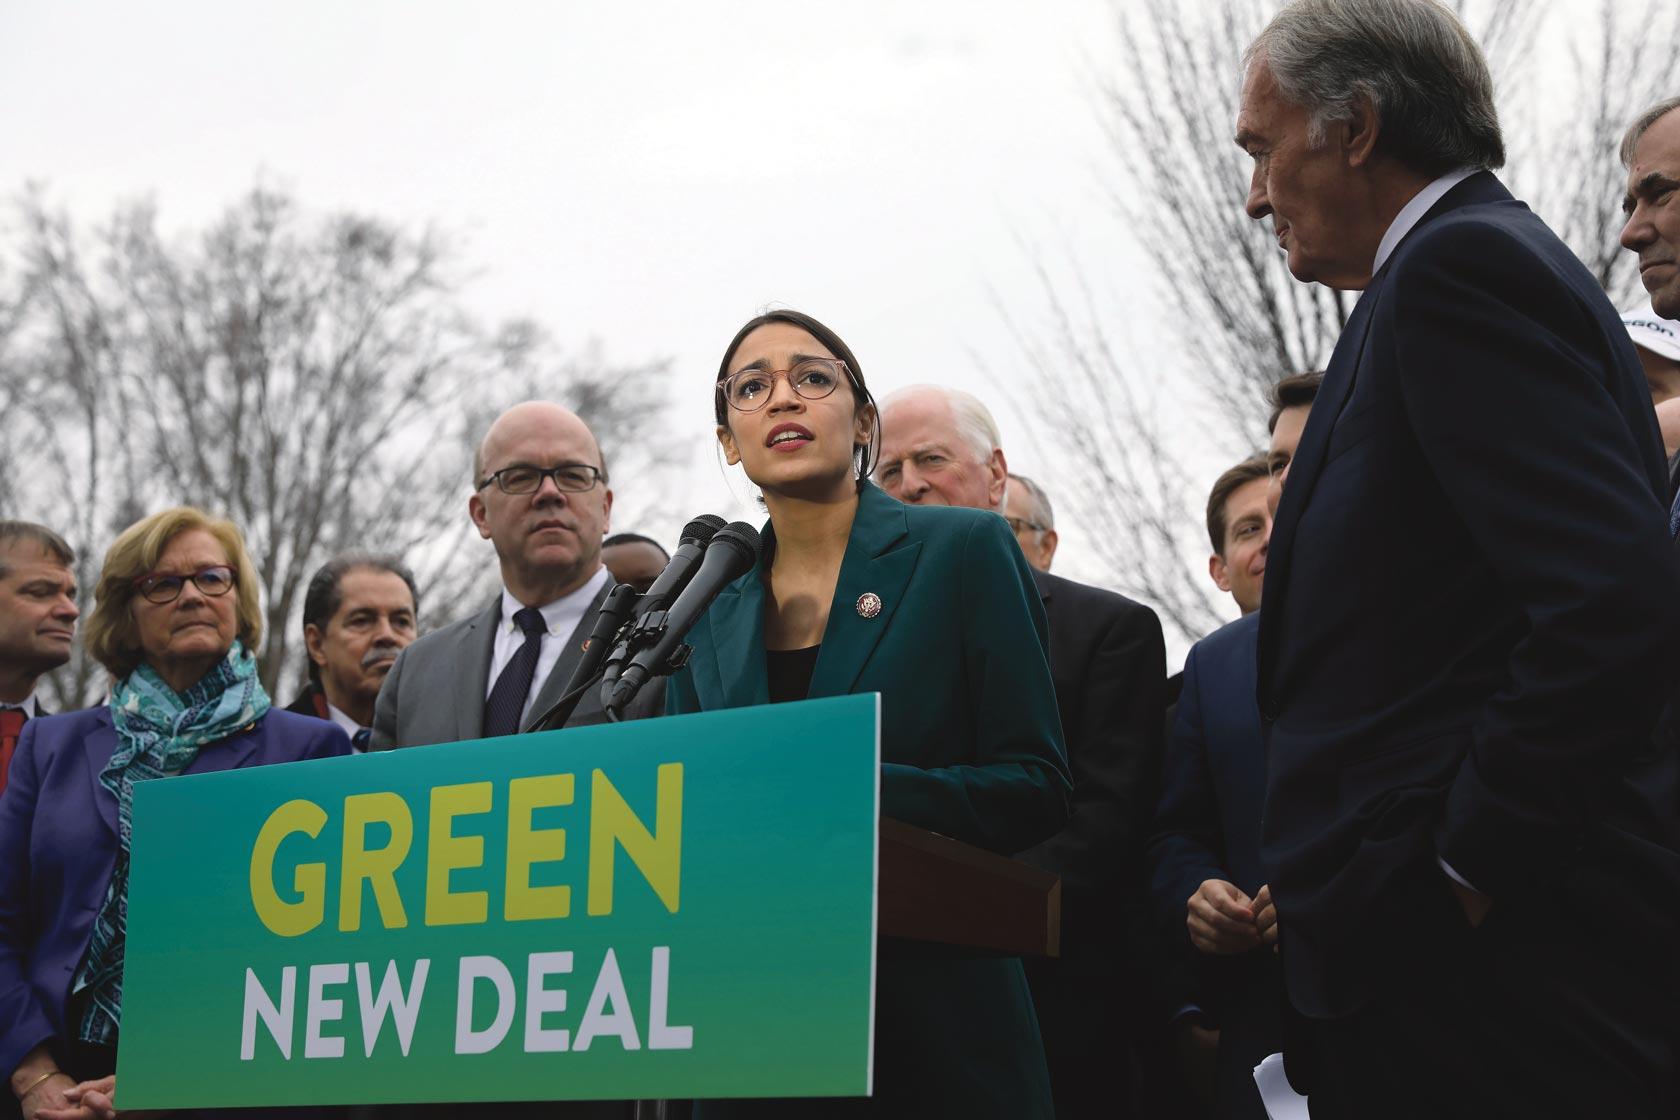 Alexandria Ocasio-Cortez présente le Green New Deal devant le Capitole, février 2019